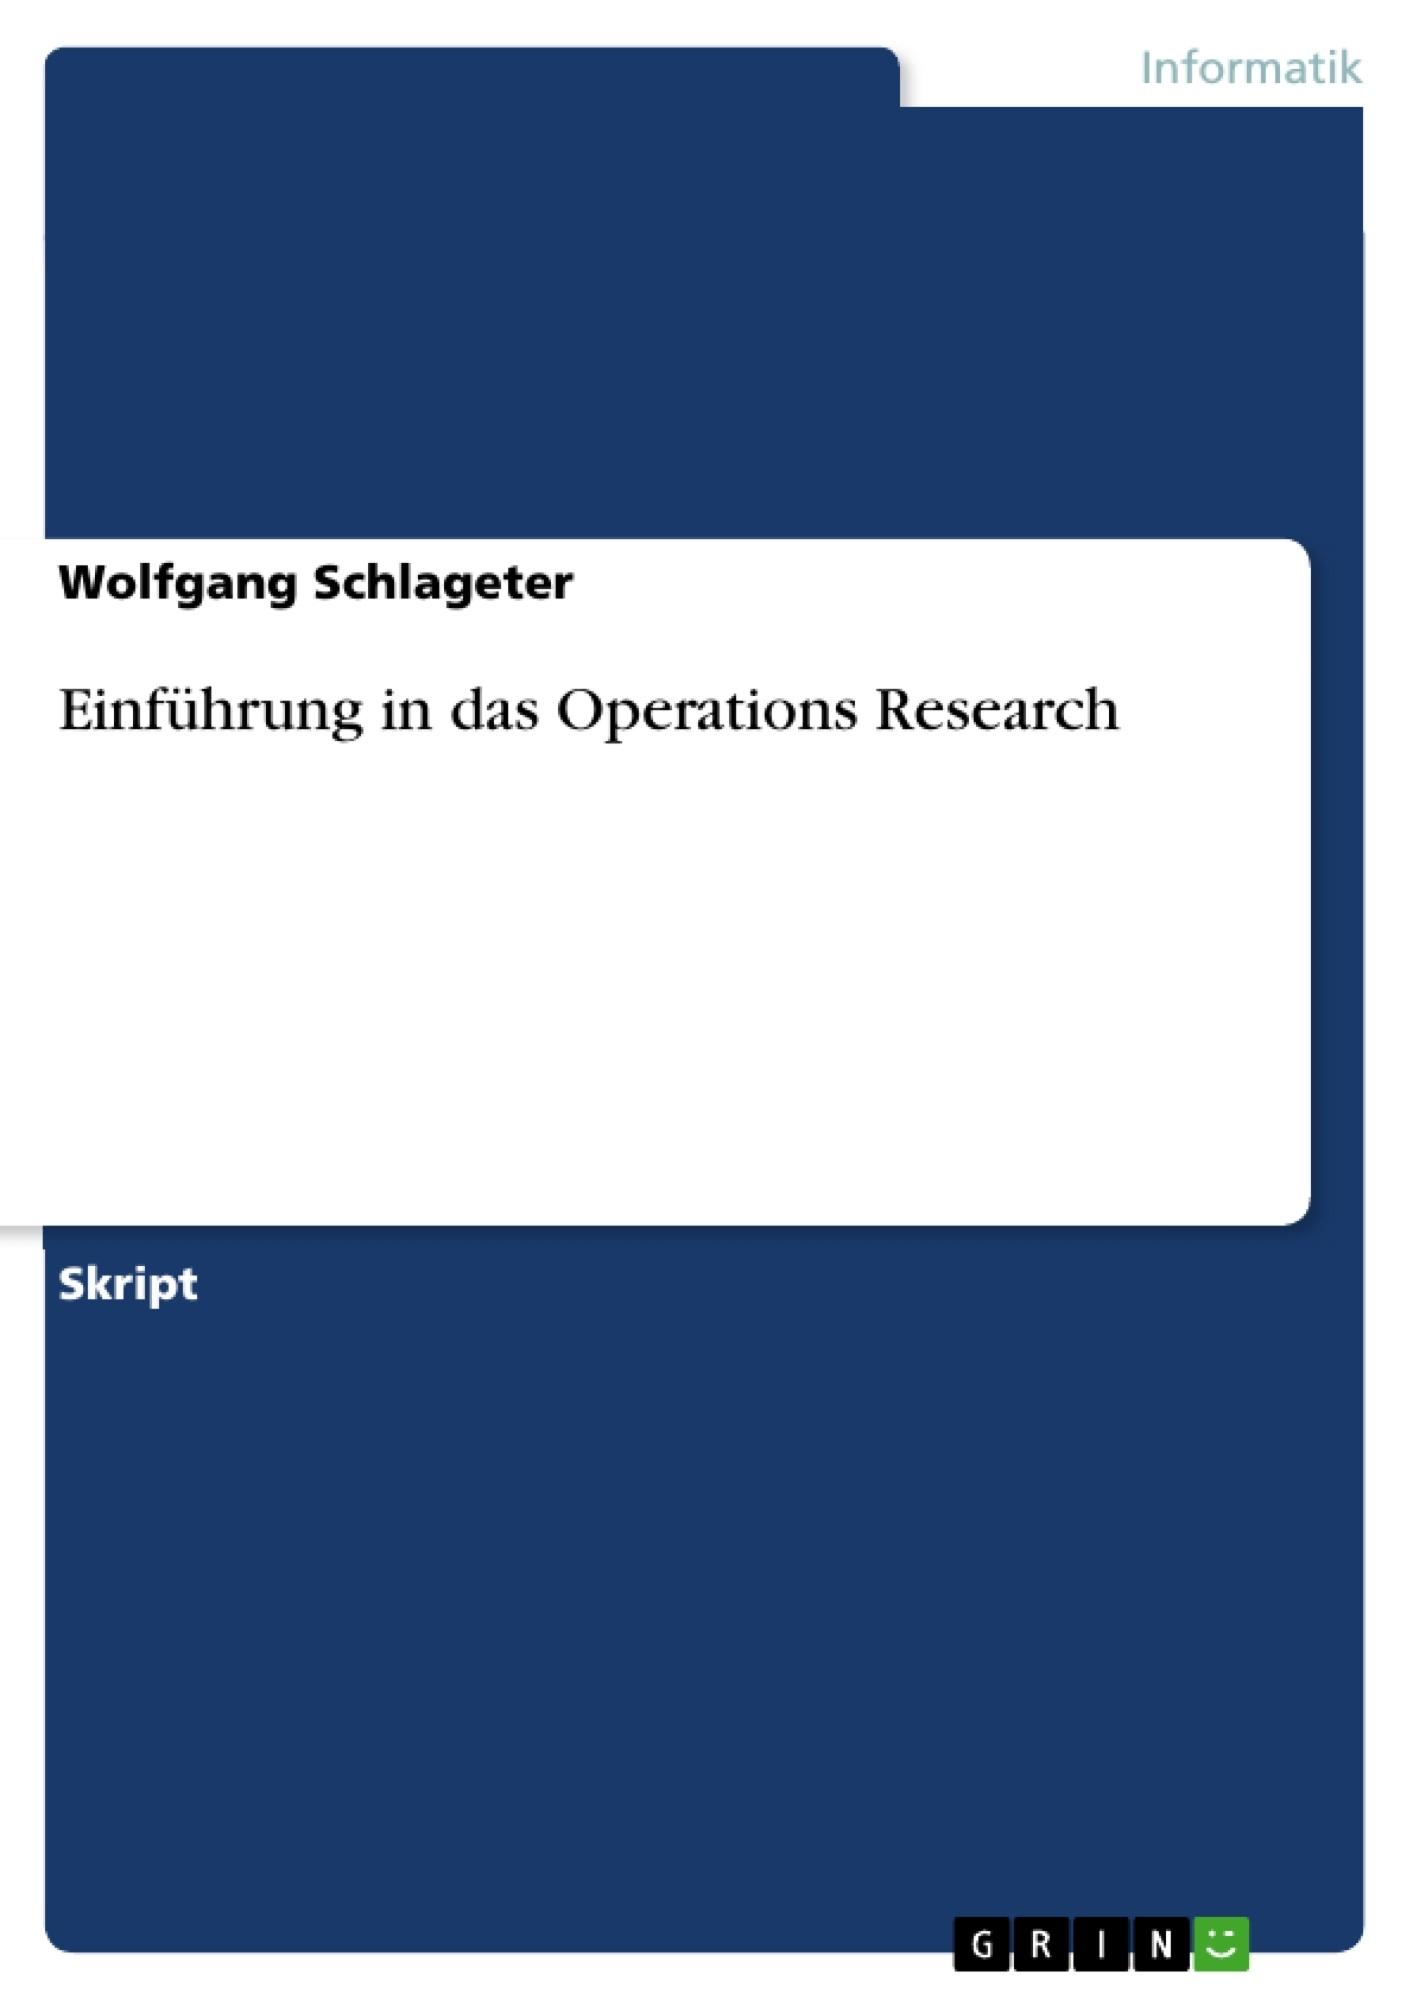 Titel: Einführung in das Operations Research